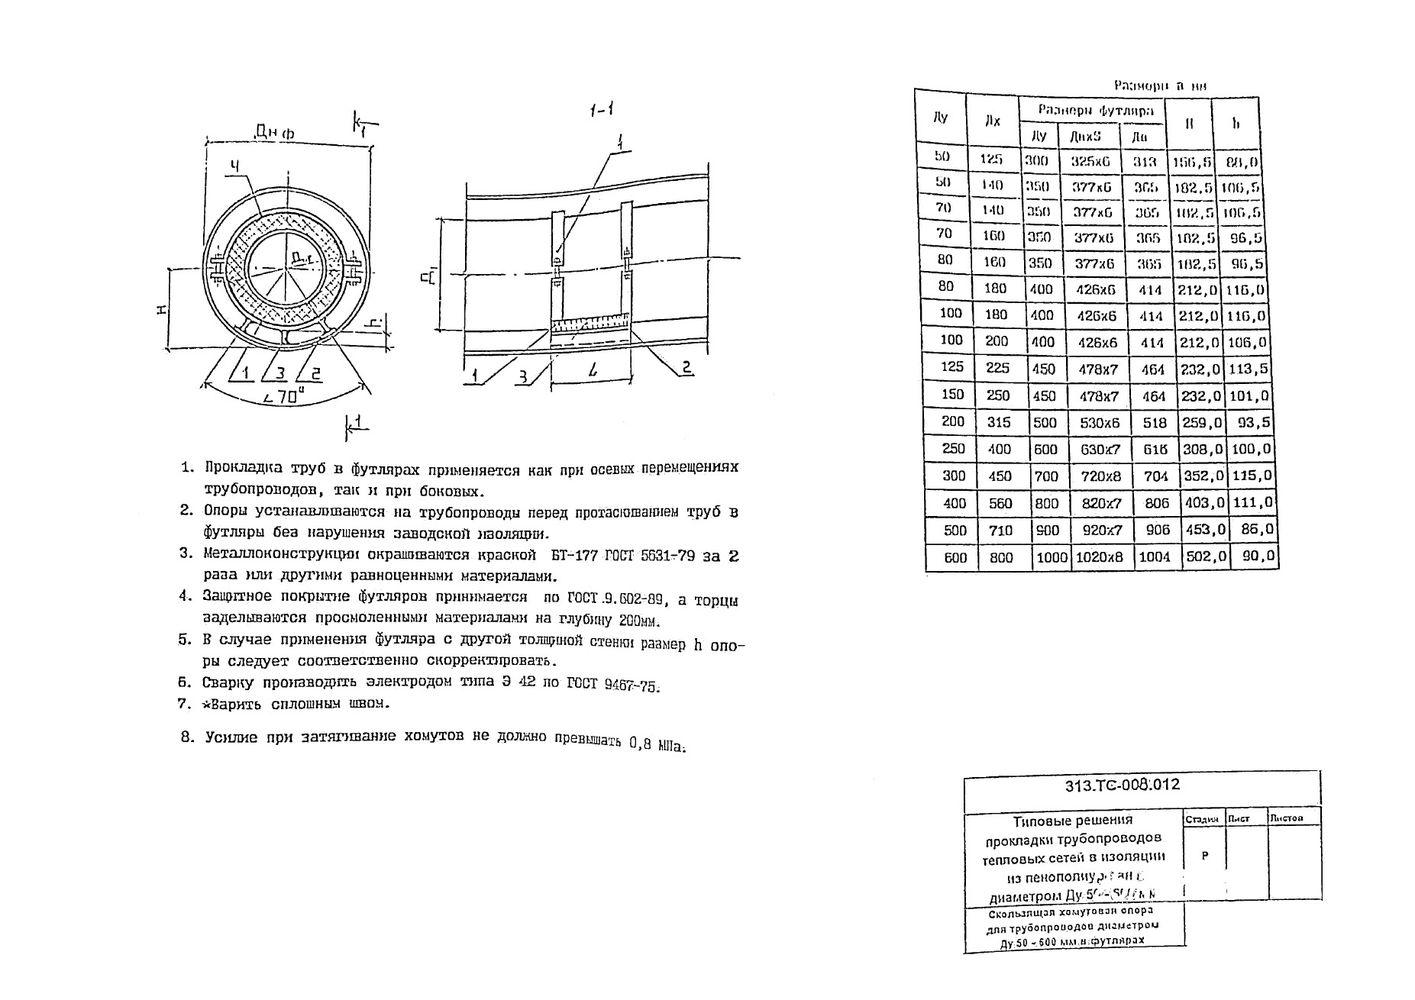 Скользящая хомутовая опора для трубопроводов Ду50-600 мм в футляре 313.ТС-008.012